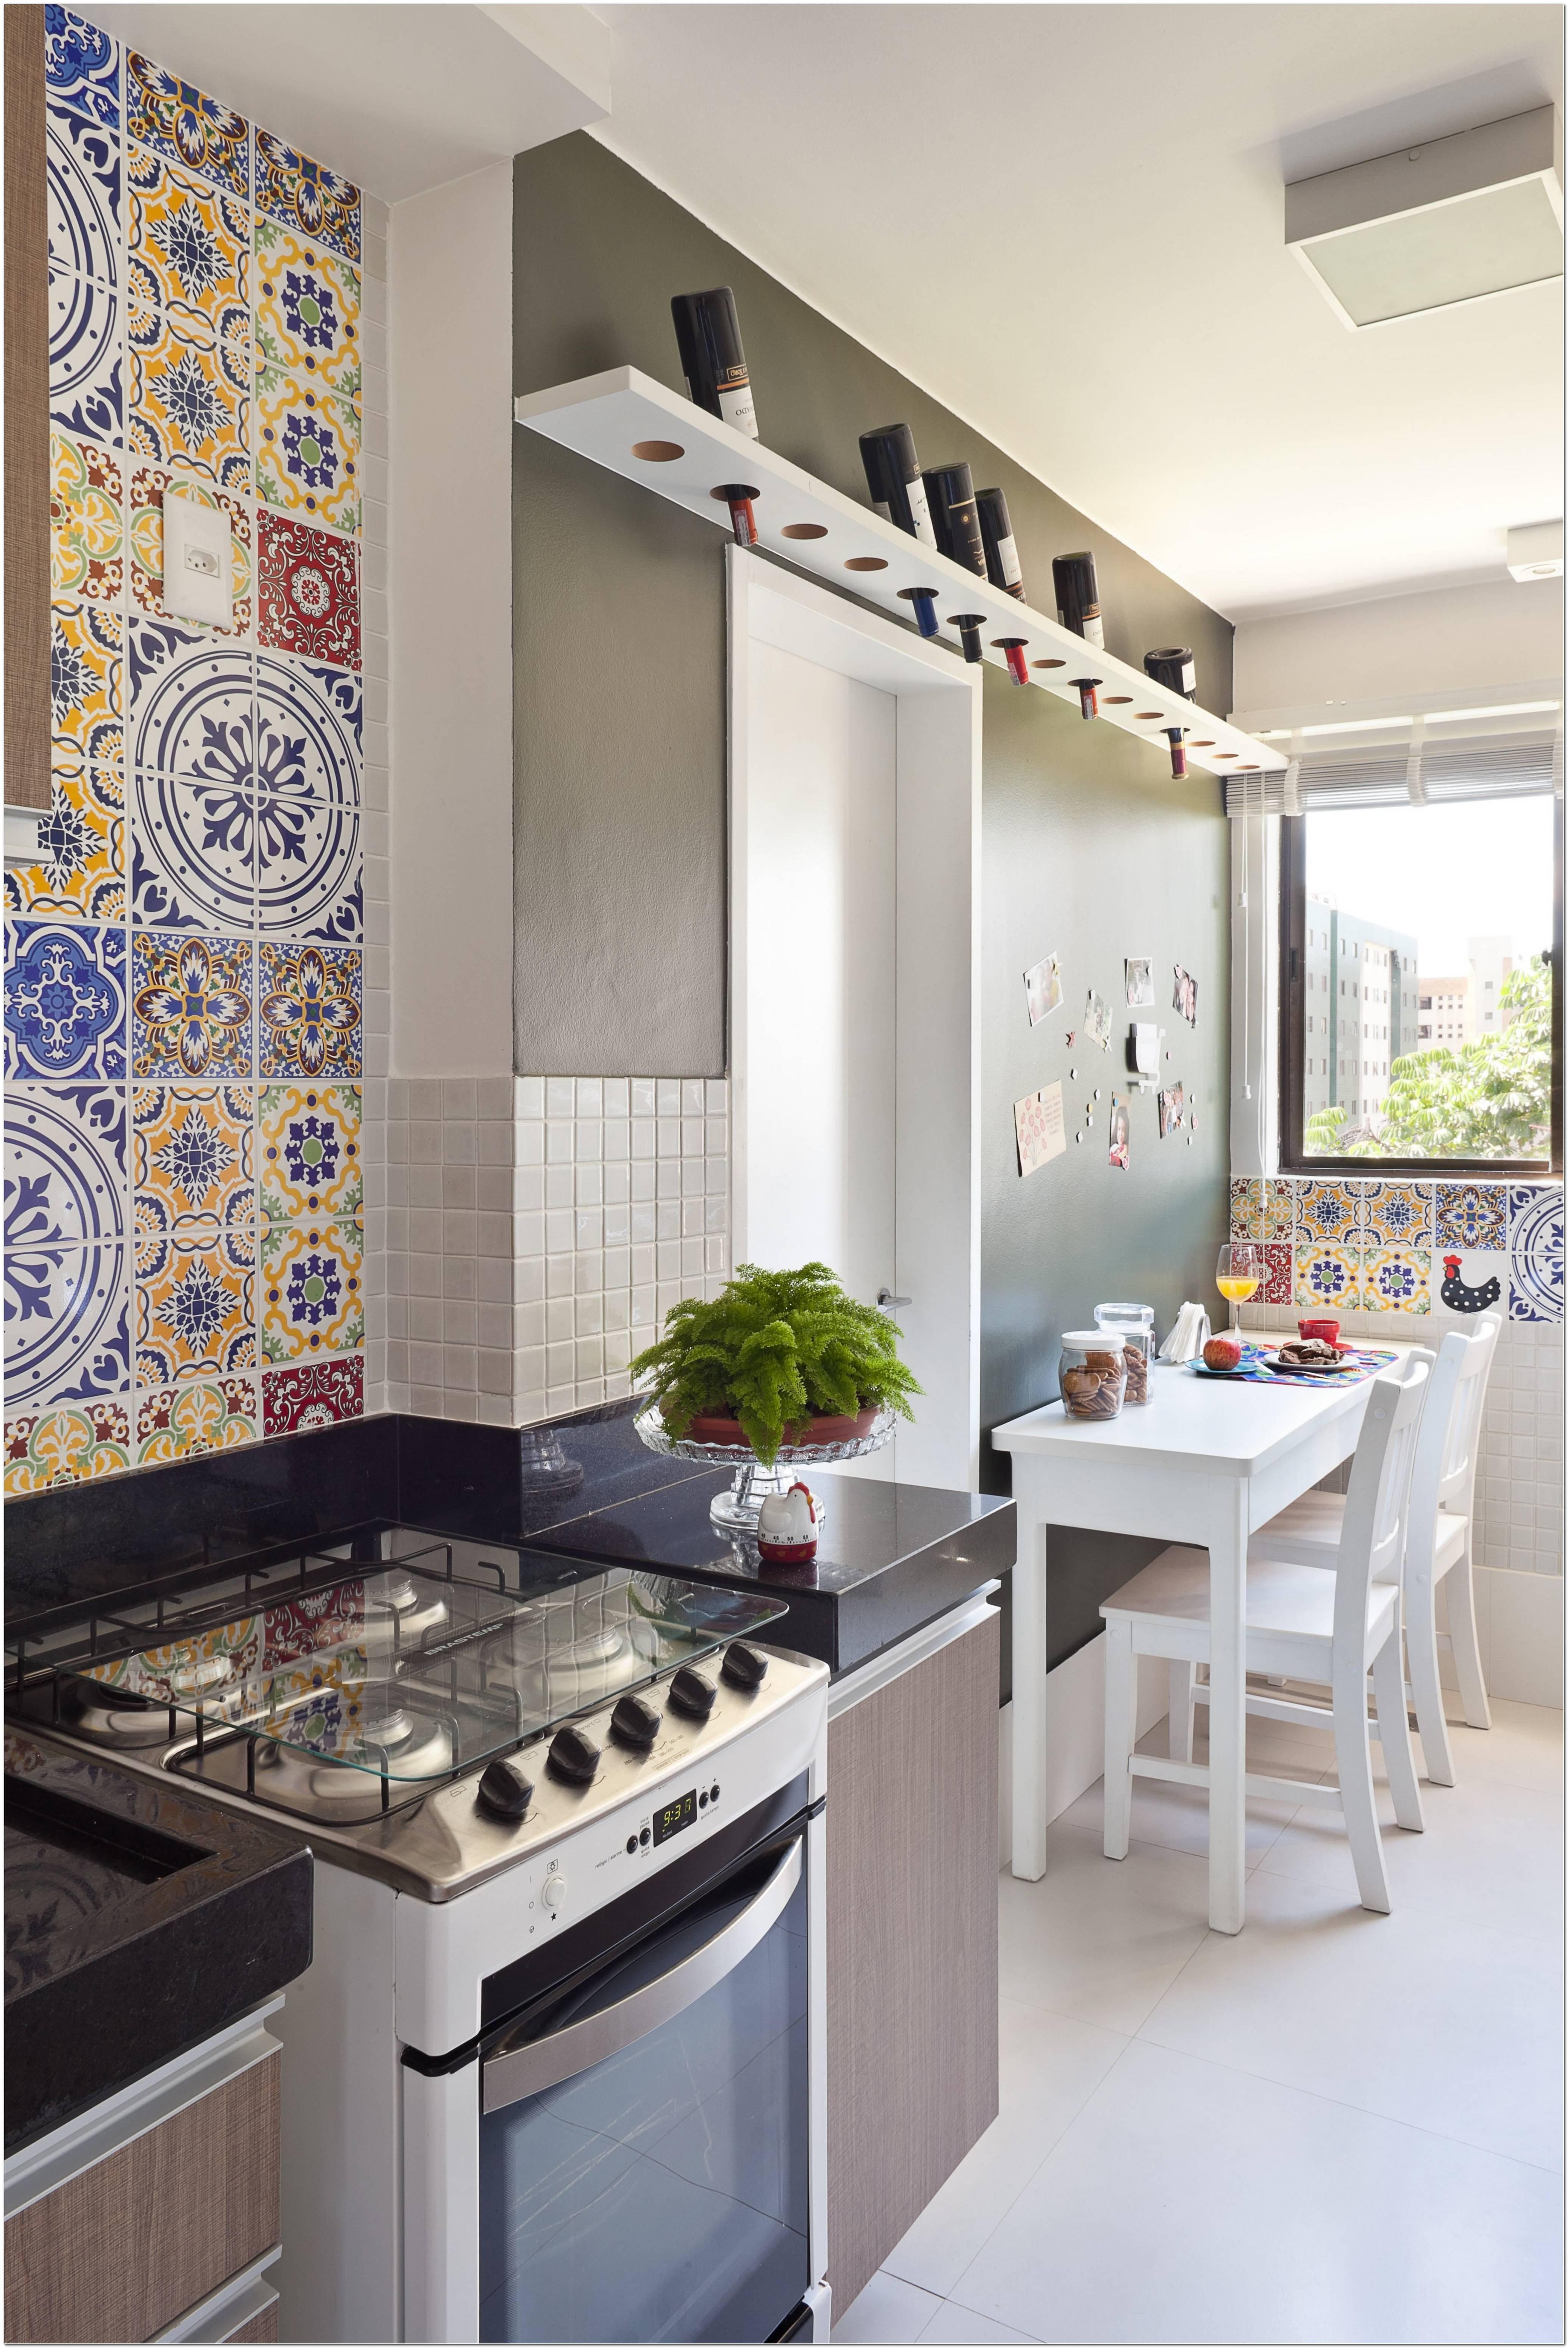 Cozinha Pequena 70 Ideias Funcionais De Decoração E Projetos